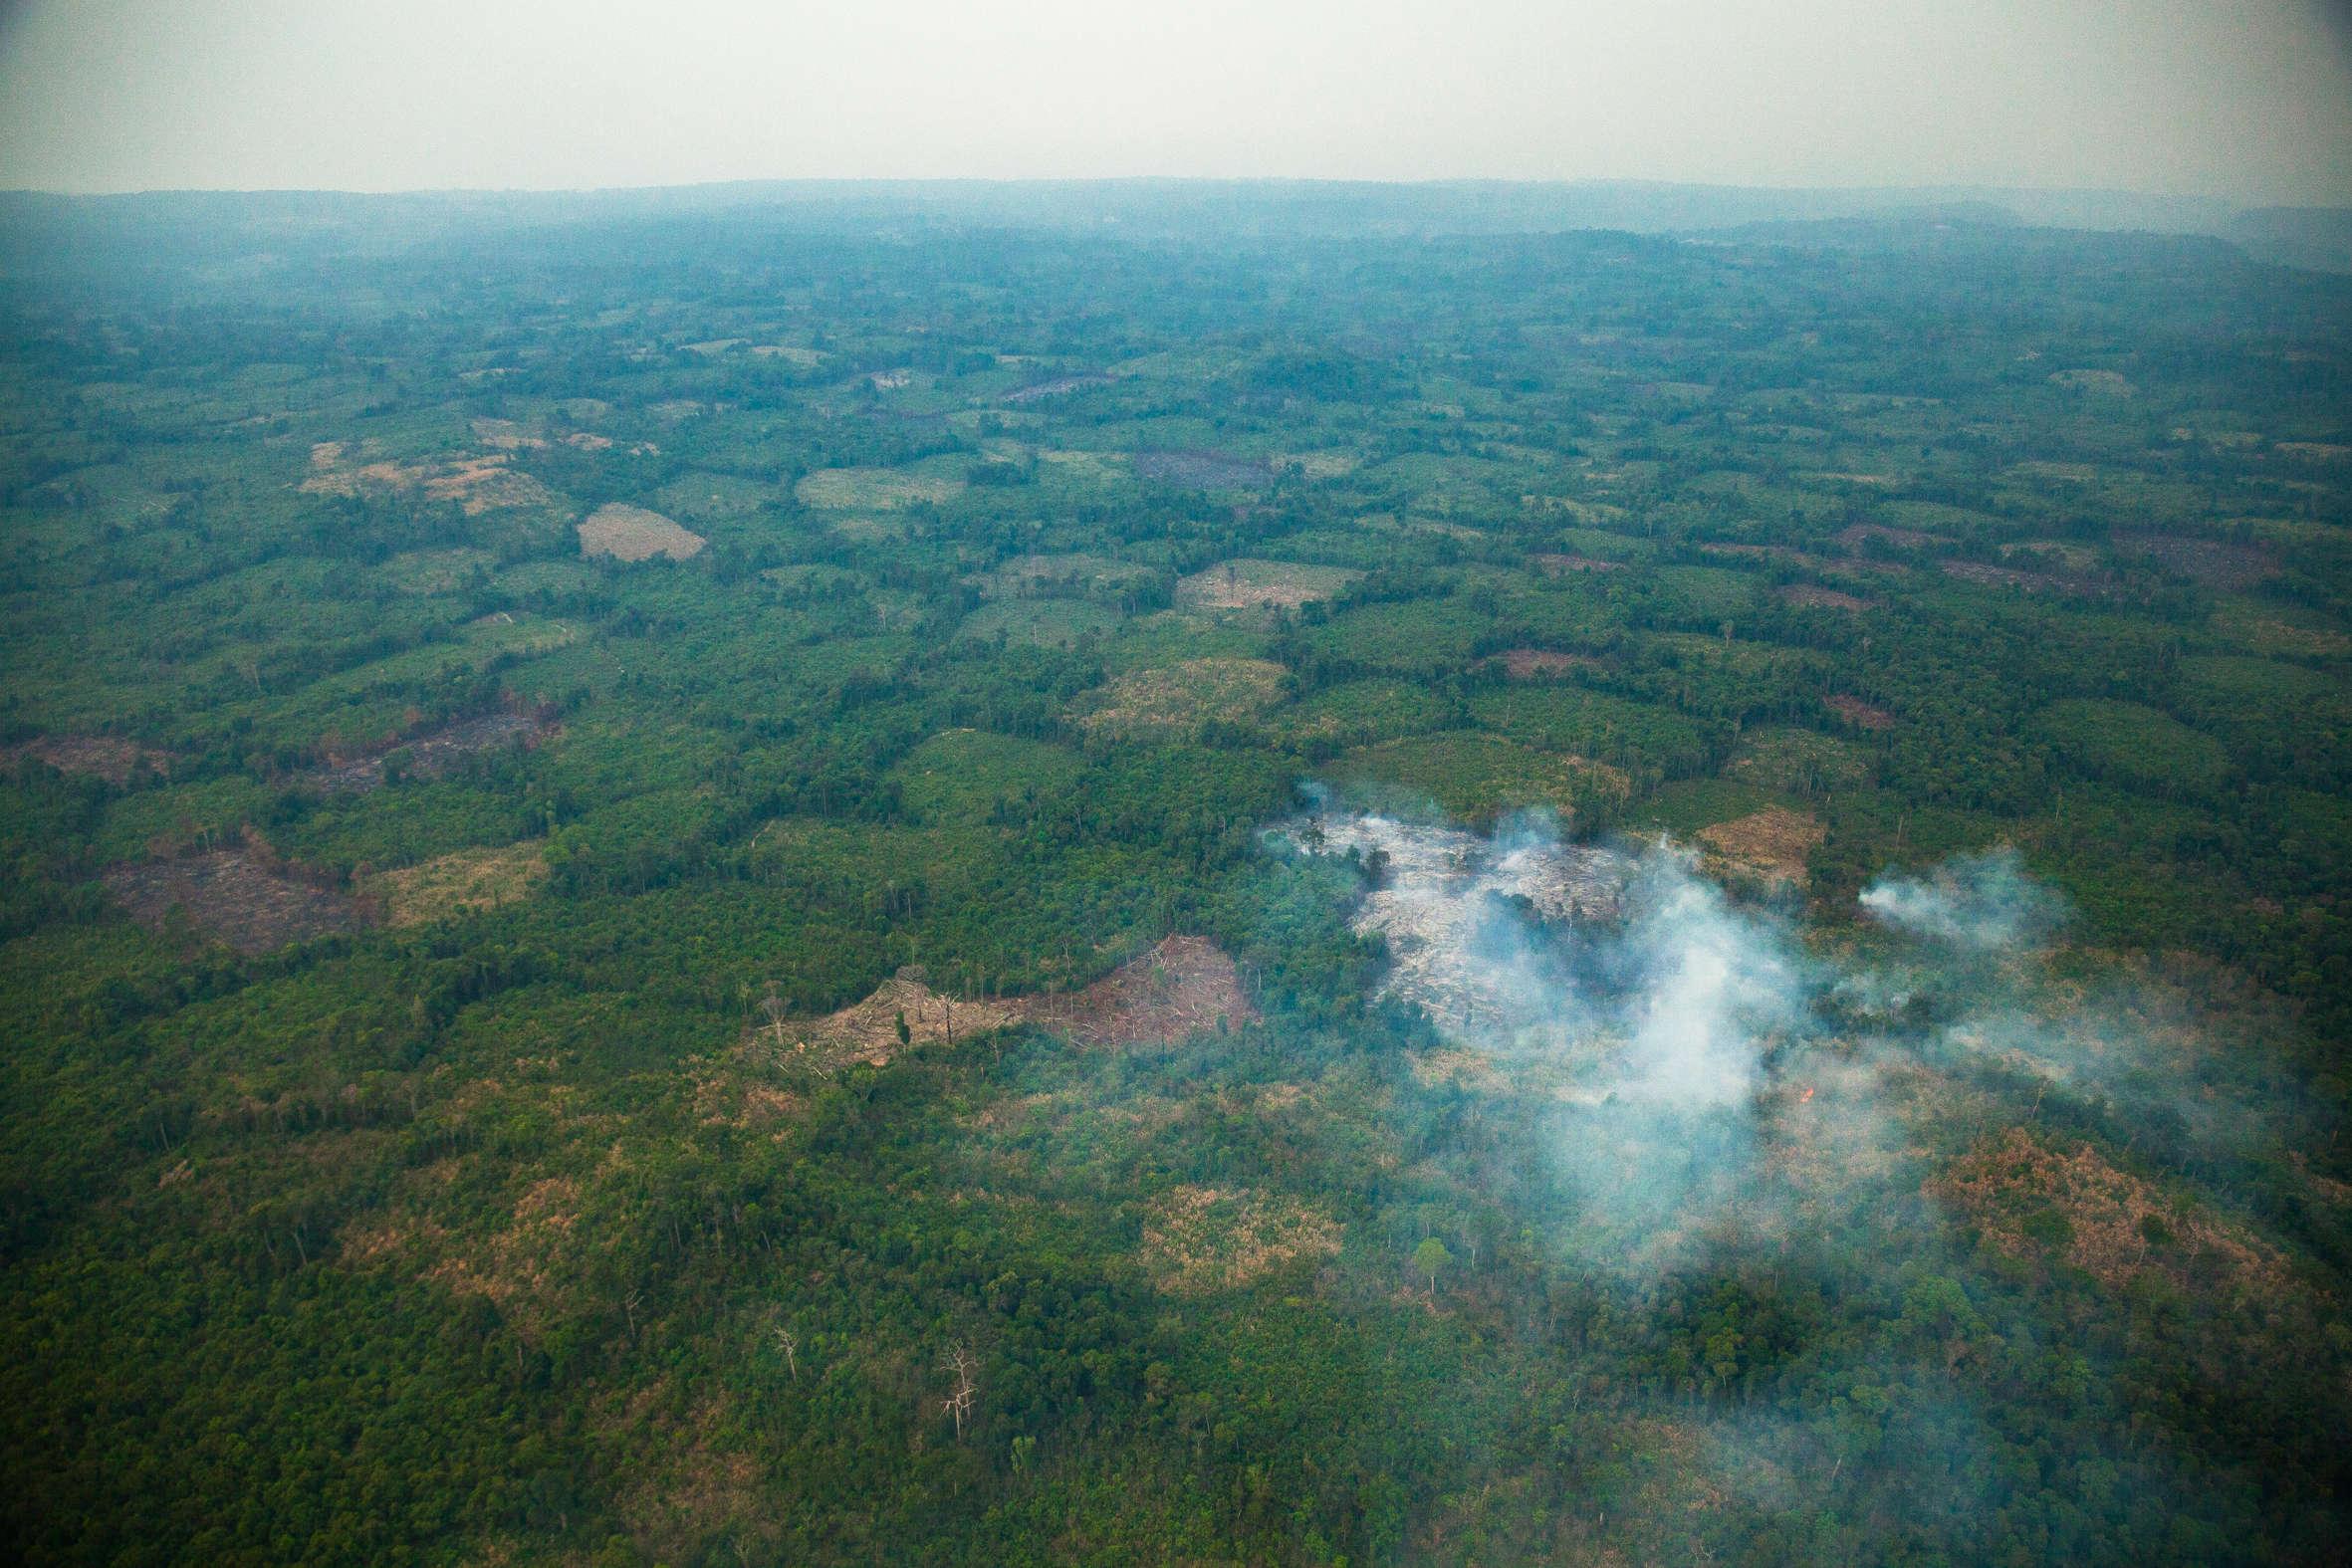 Vue aérienne du haut plateau du Phnom Kulen, berceau de l'empire khmer. Ce  château d'eau, garantissant la stabilité des sanctuaires angkoriens avec leurs douves, canaux et bassins, est menacé. La culture sur brûlis de la noix de cajou, très rentable mais illicite, fait des ravages comme le montre cette photo. La forêt n'occupe plus que 20 % de la surface totale du parc.